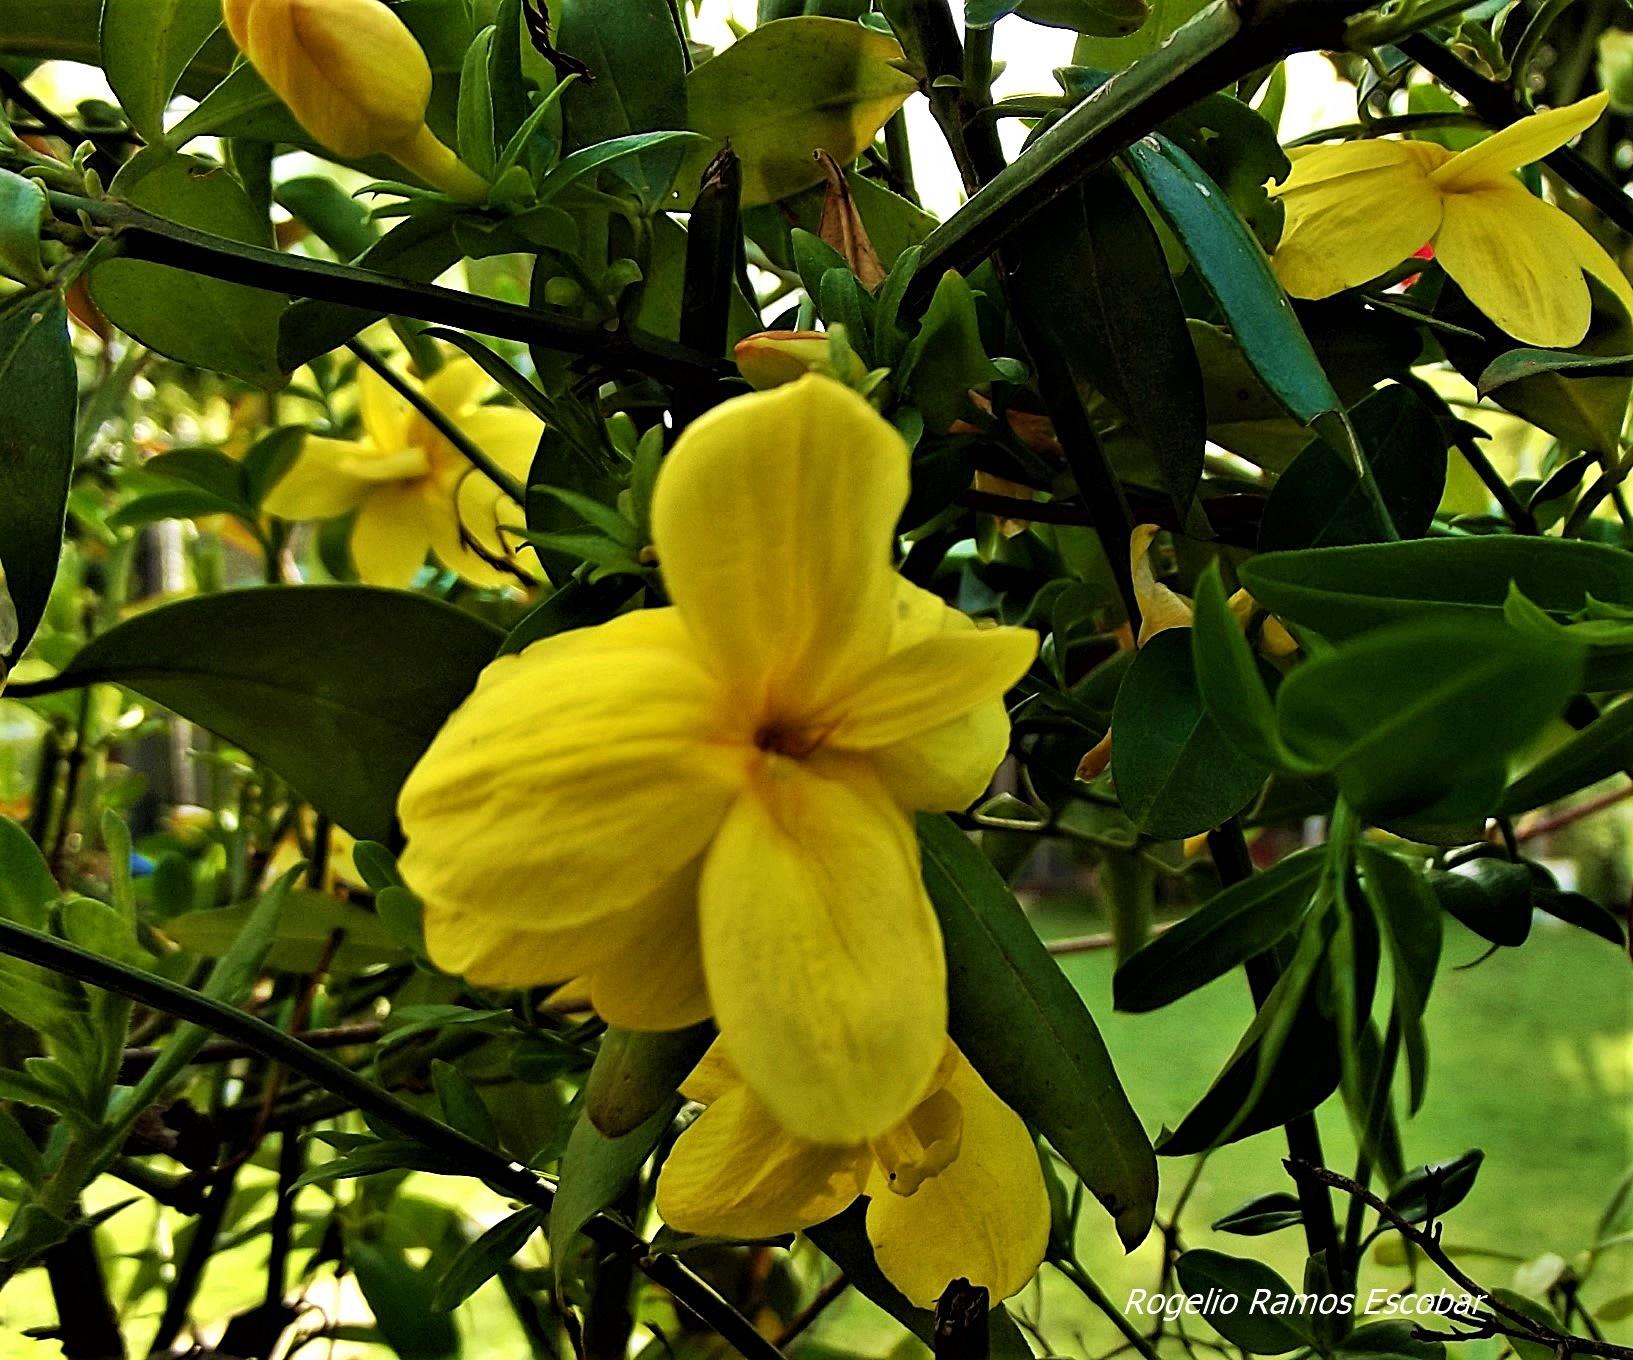 Hermosura amarilla by Rogelio Ramos Escobar